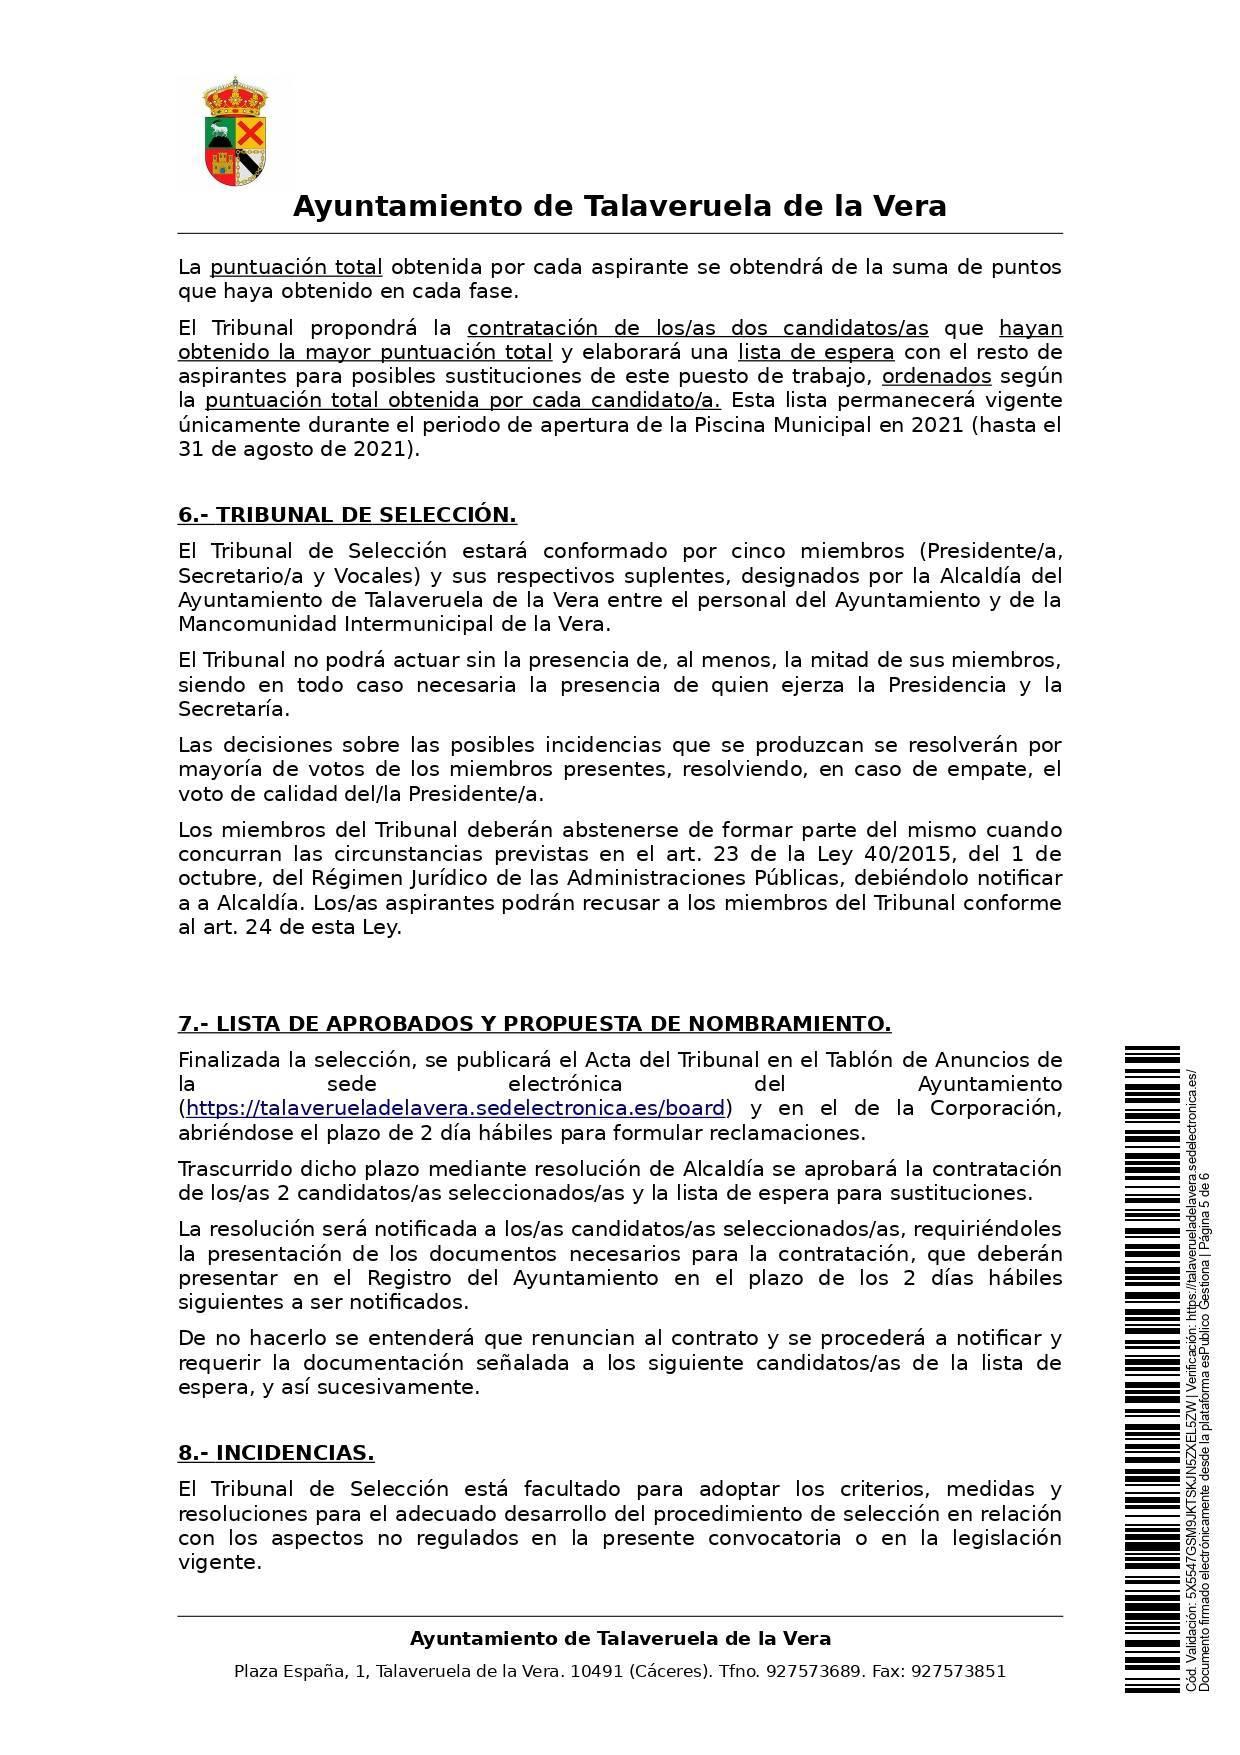 2 socorristas (2021) - Talaveruela de la Vera (Cáceres) 5